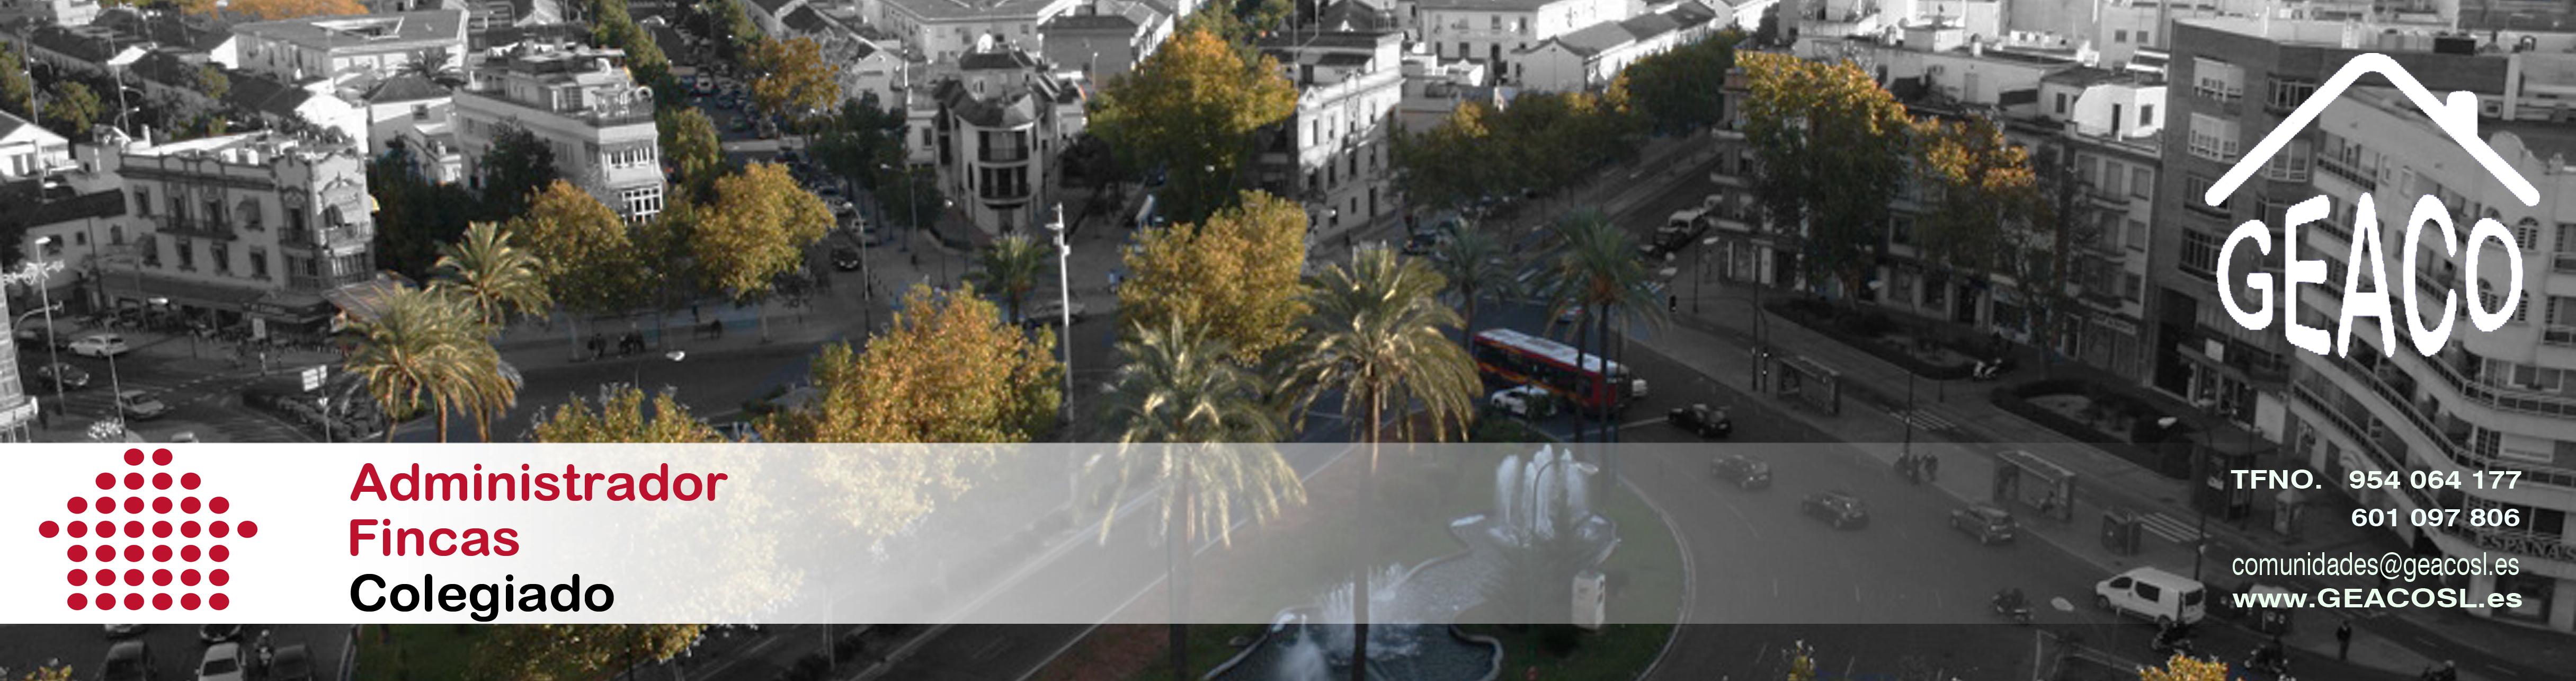 Portada GEACO administracion de fincas Sevilla